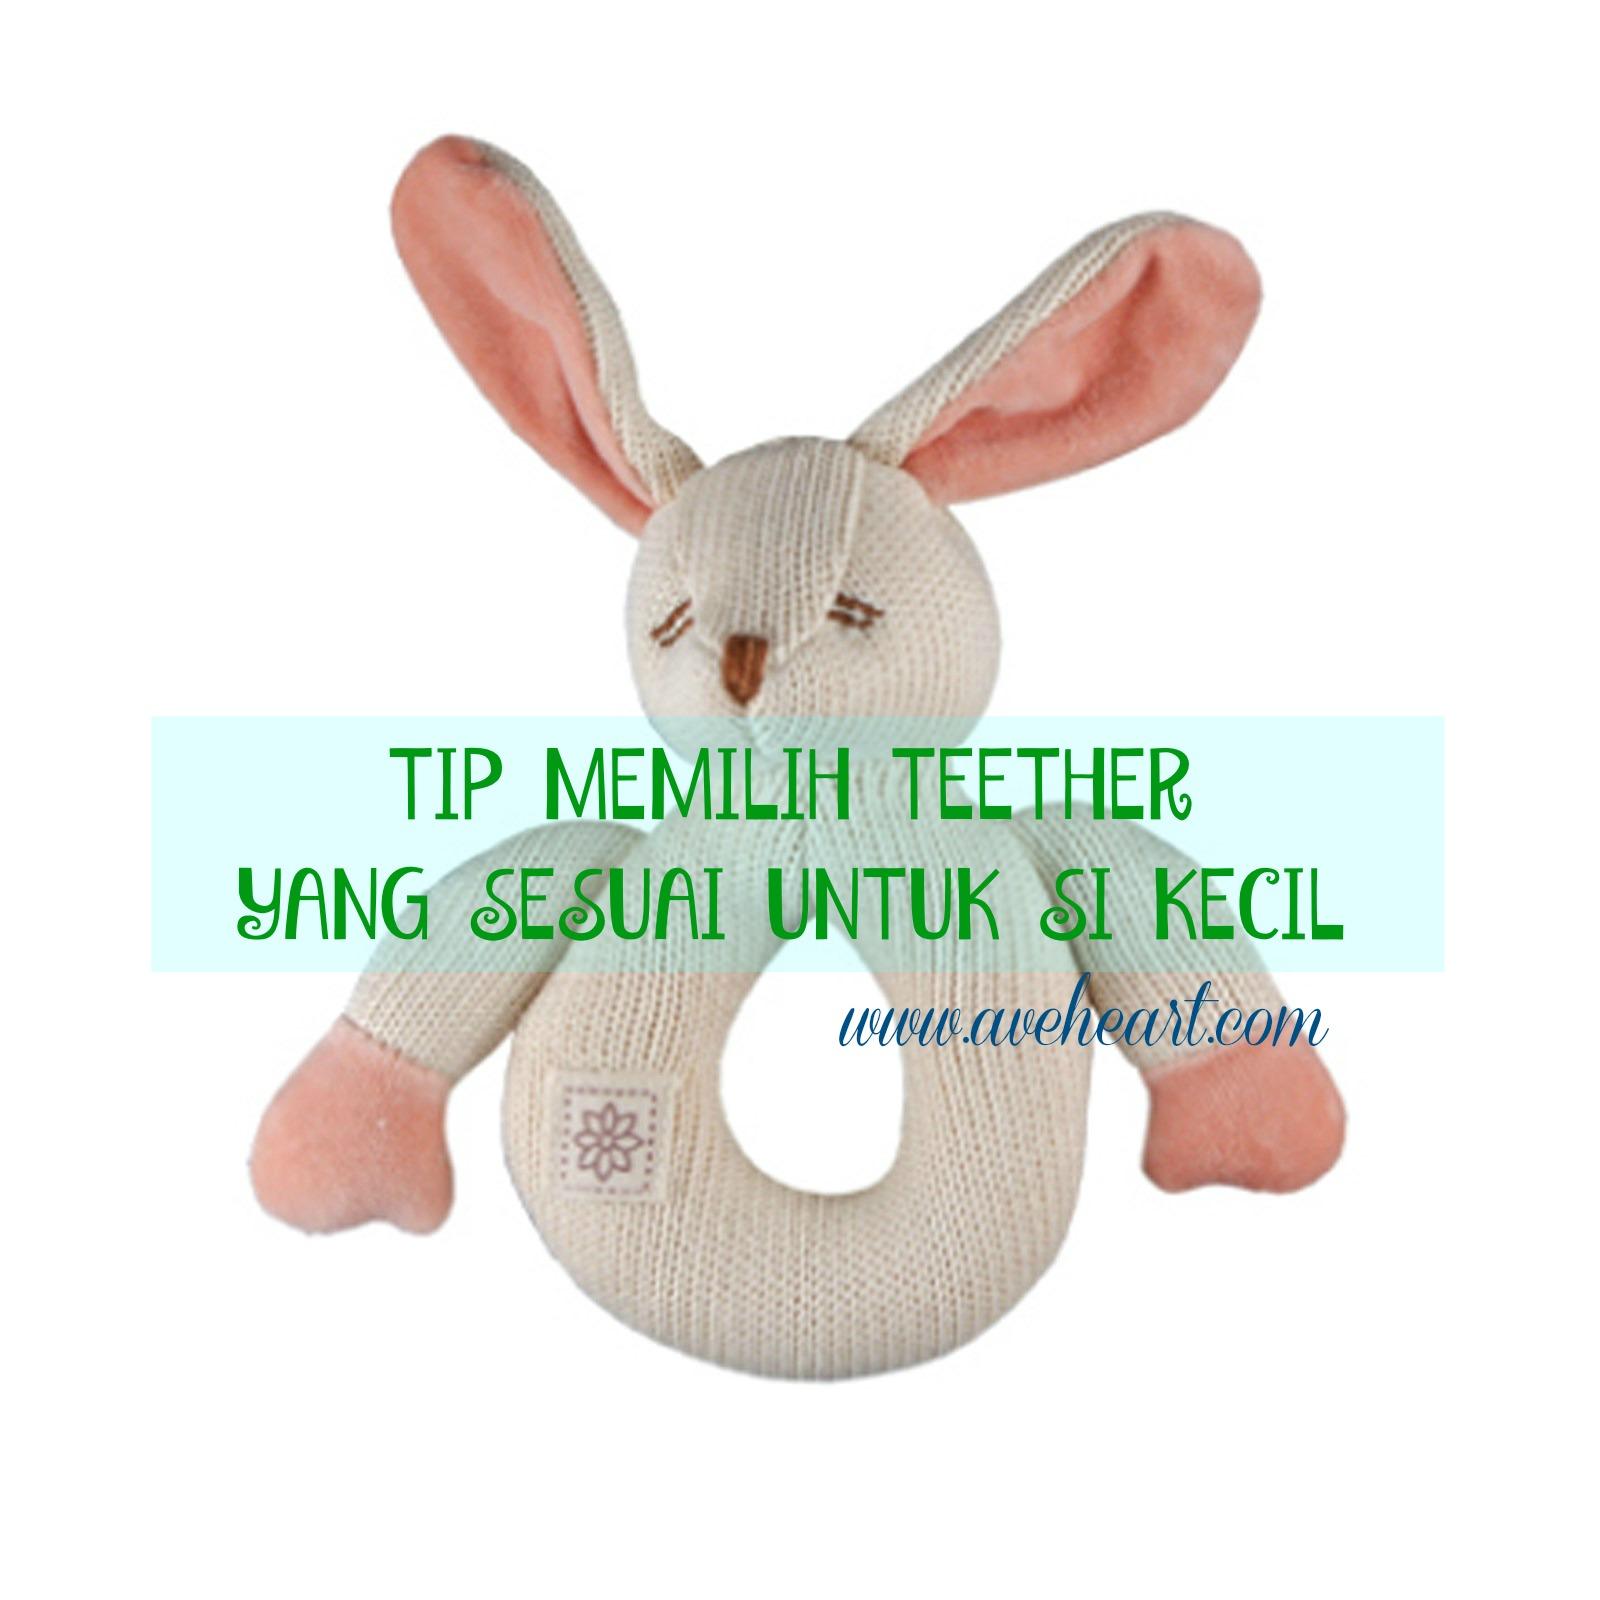 Tip Memilih Teether Yang Sesuai Untuk Si Kecil